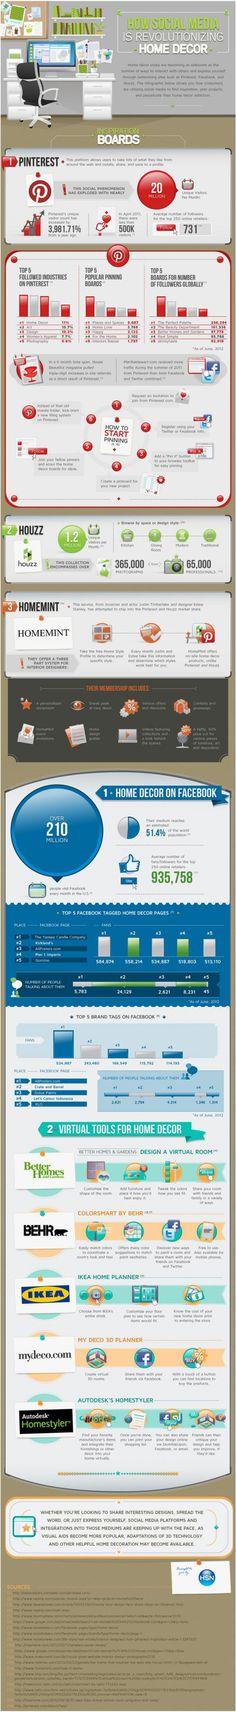 © HSN Home Decor  La influencia de las redes sociales en el mundo de la arquitectura e interiorismo es un hecho demostrado. Ya sea para darse a conocer, mostrar tus productos o incluso venderlos.  Redes como Pinterest, Facebook o Twitter se han integrado como una herramienta más de búsqueda de información a la hora de renovar nuestros hogares.